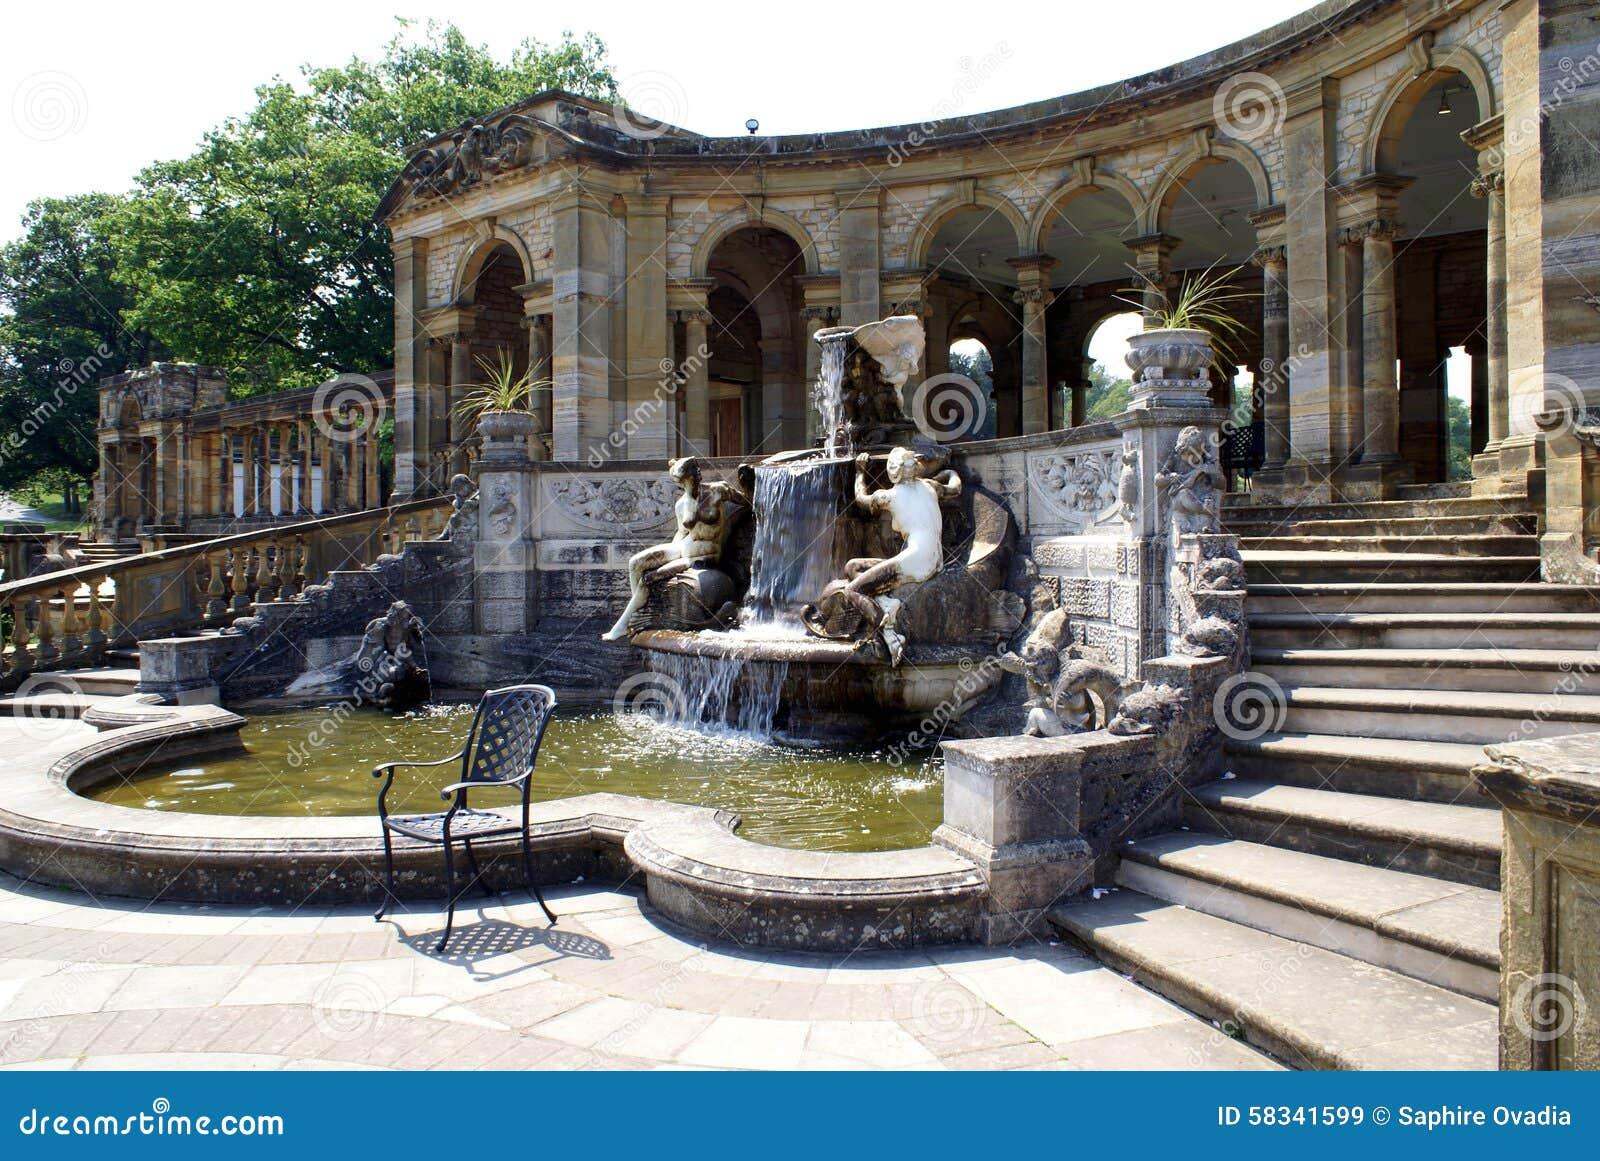 Hever-Schlossbrunnen u. -kolonnade in Hever, Edenbridge, Kent, England, Europa